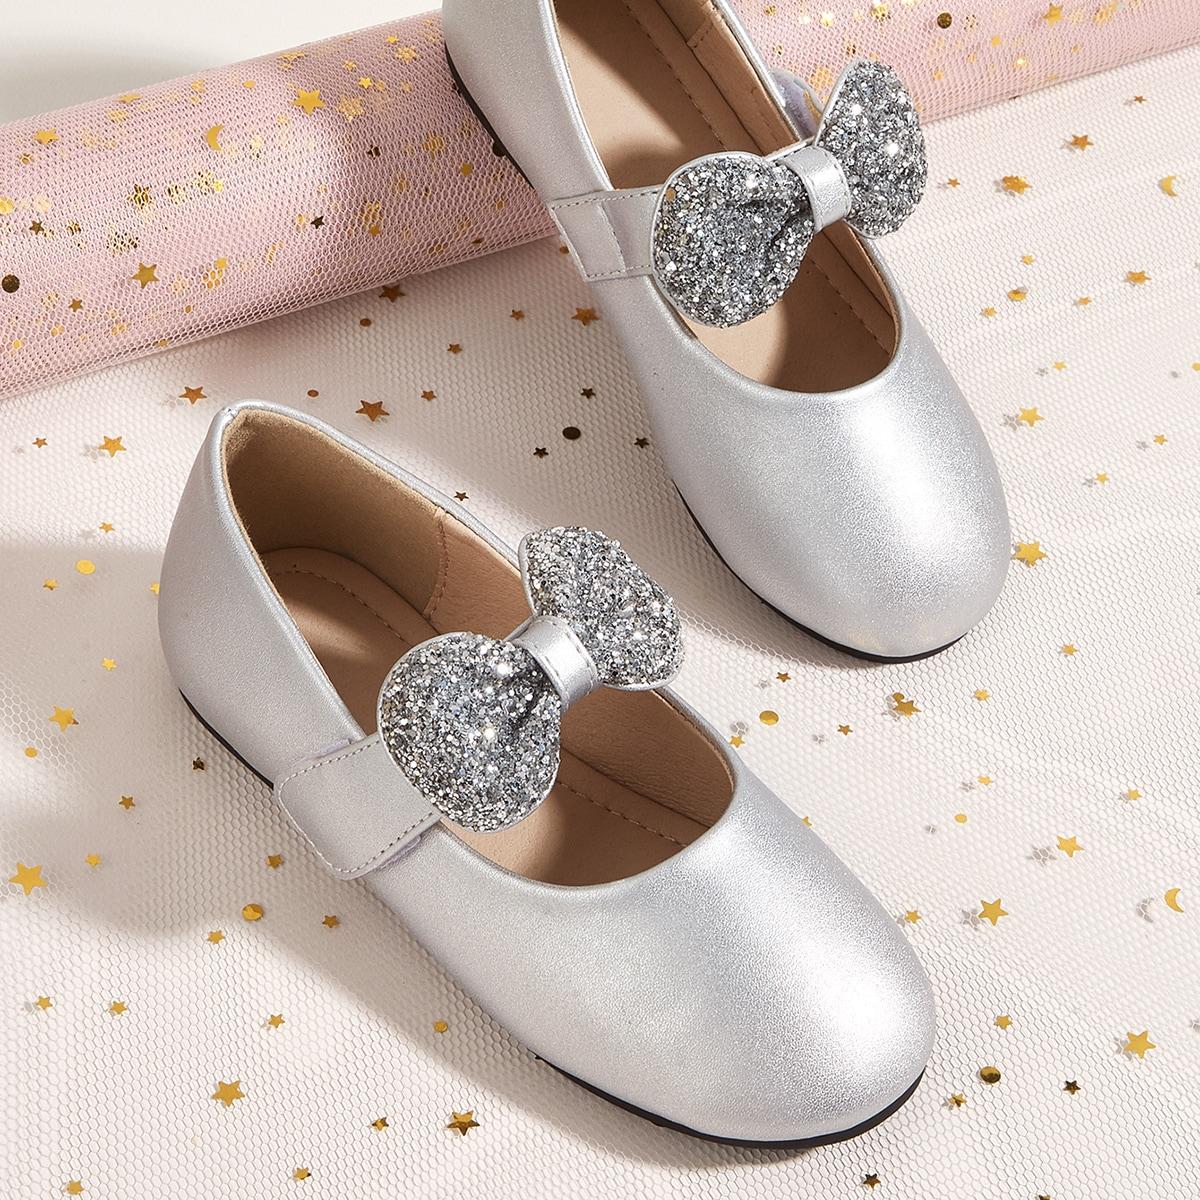 Блестящие туфли мэри джейн с бантом для девочек от SHEIN